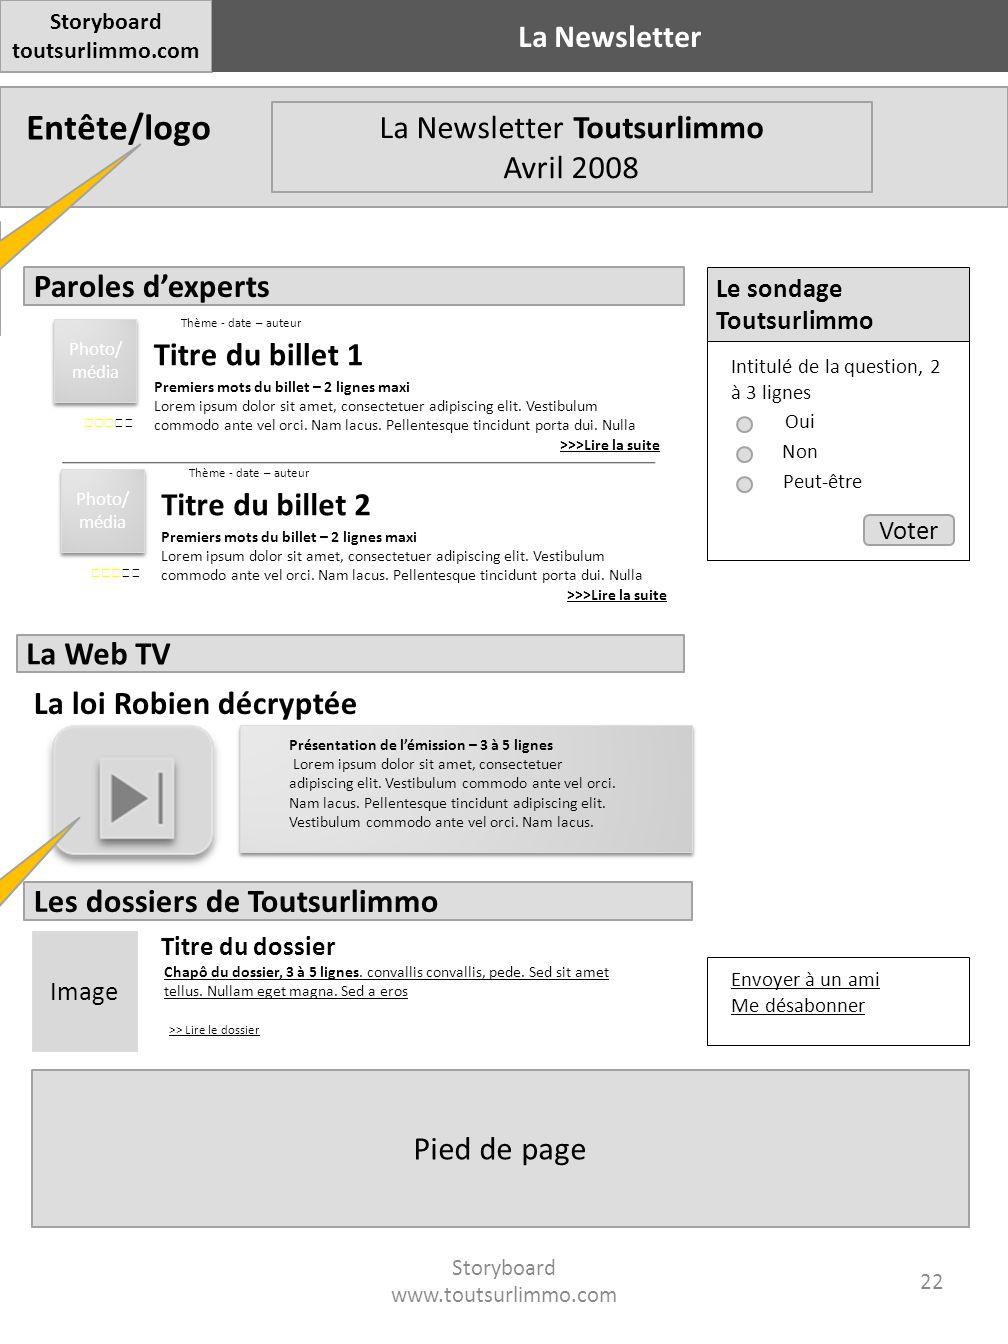 Entête/logo Pied de page Storyboard toutsurlimmo.com La Newsletter Storyboard www.toutsurlimmo.com 22 Branding Toutsurlimmo ou bien C21 selon le site